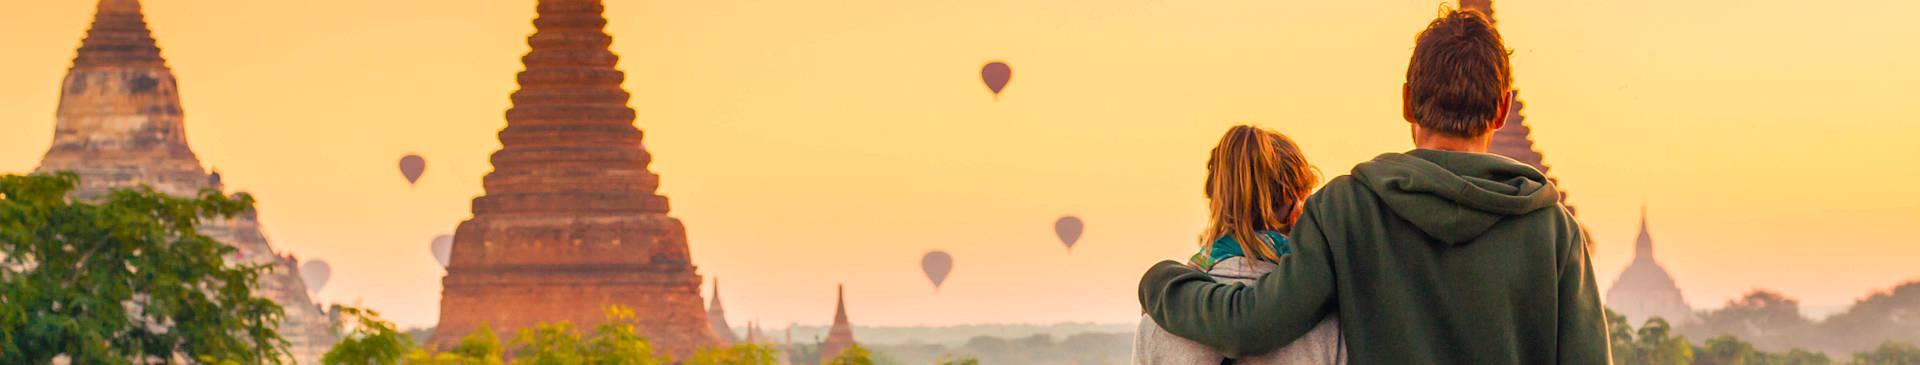 Flitterwochen Myanmar